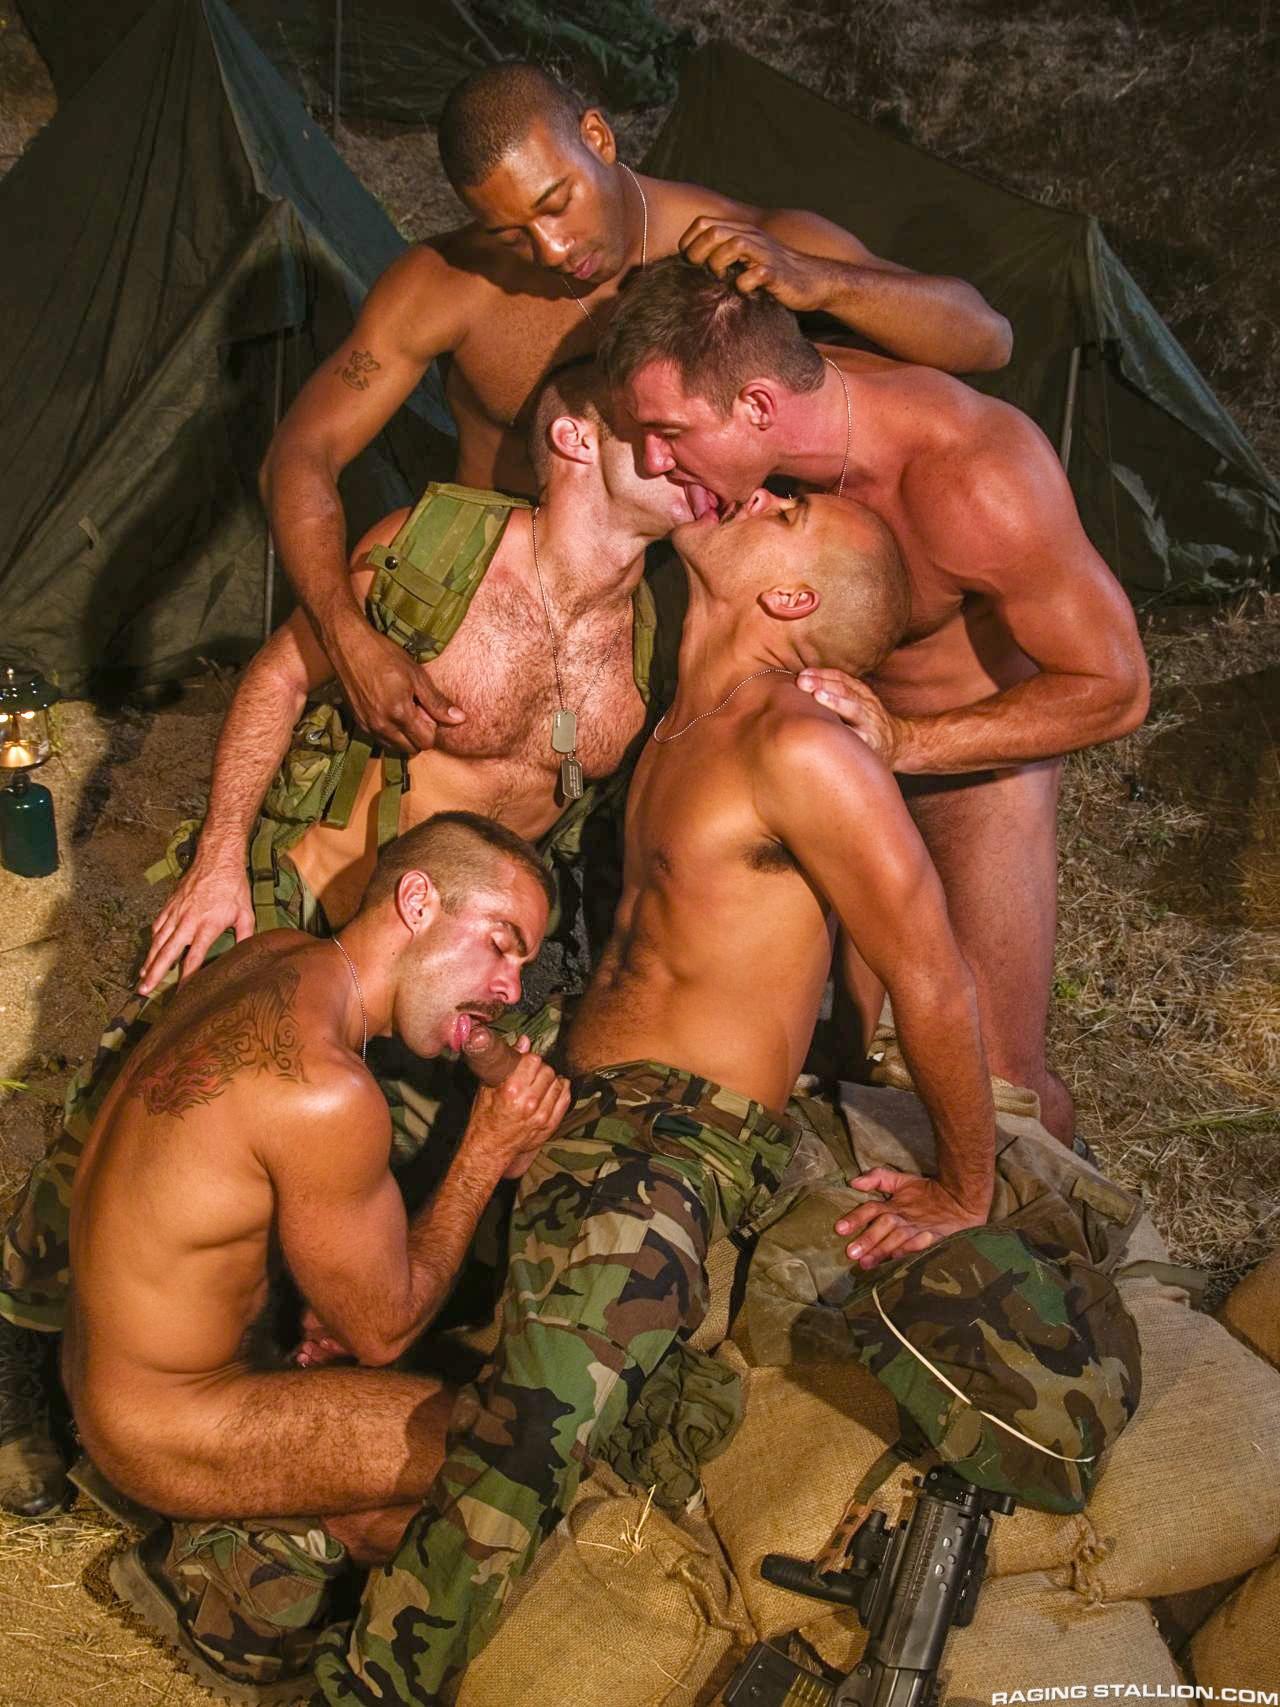 zhestkiy-seks-v-armii